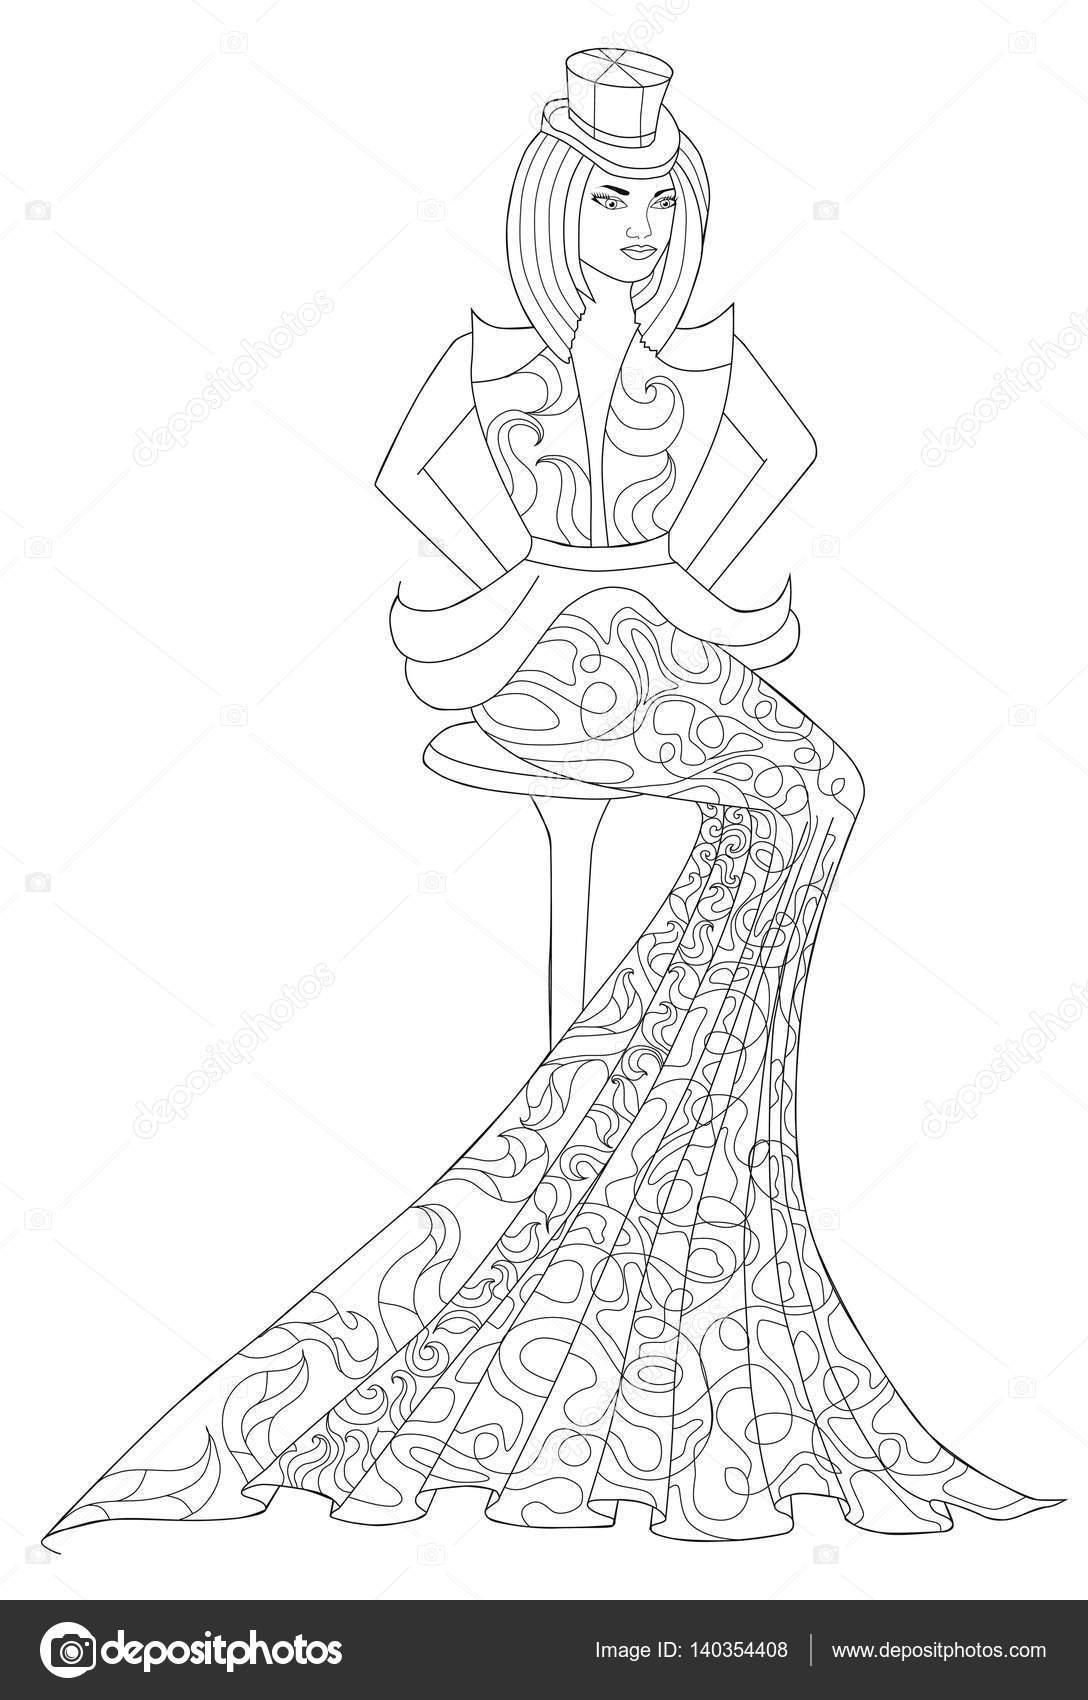 1575fd68602 Színező oldal könyv a felnőttek számára. Ülő lány egy hosszú ruha ...